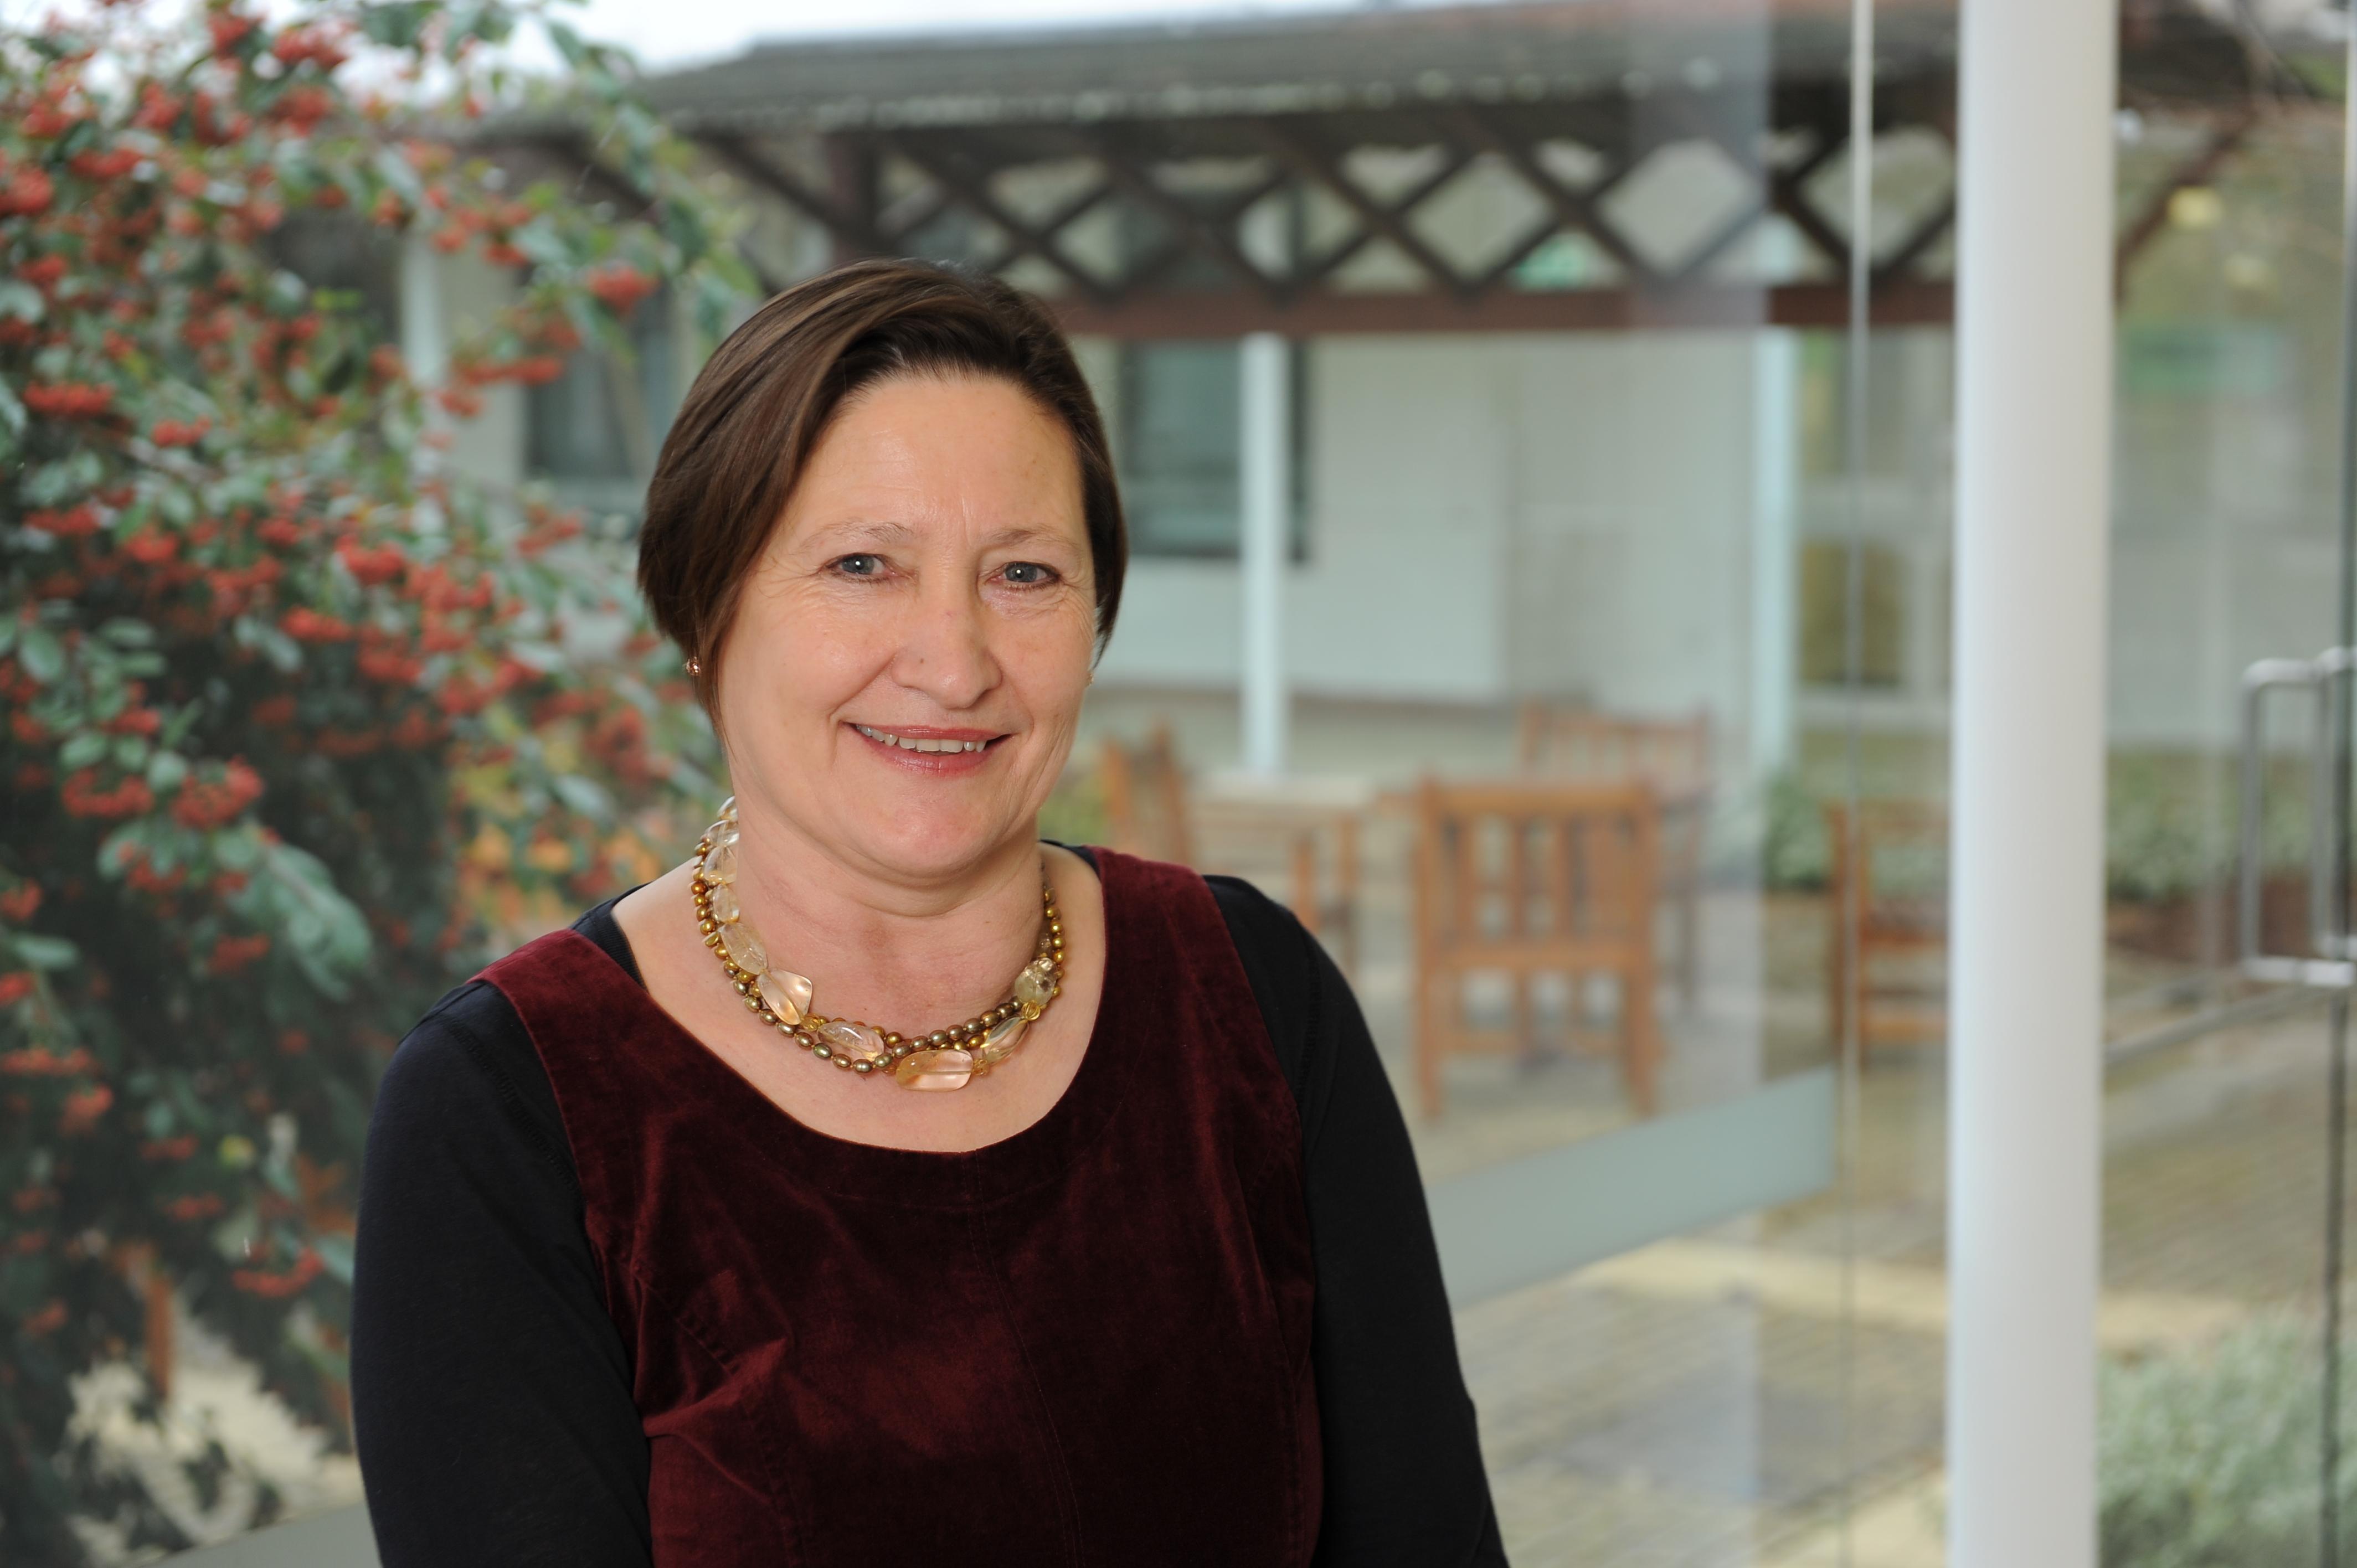 Dr Evelyn Fenton